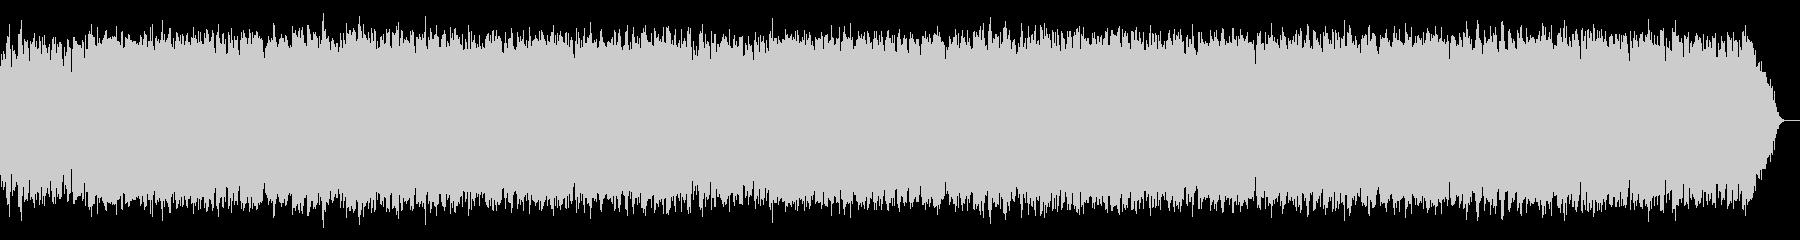 キャッチ―なサビメロで元気が出るPOPSの未再生の波形